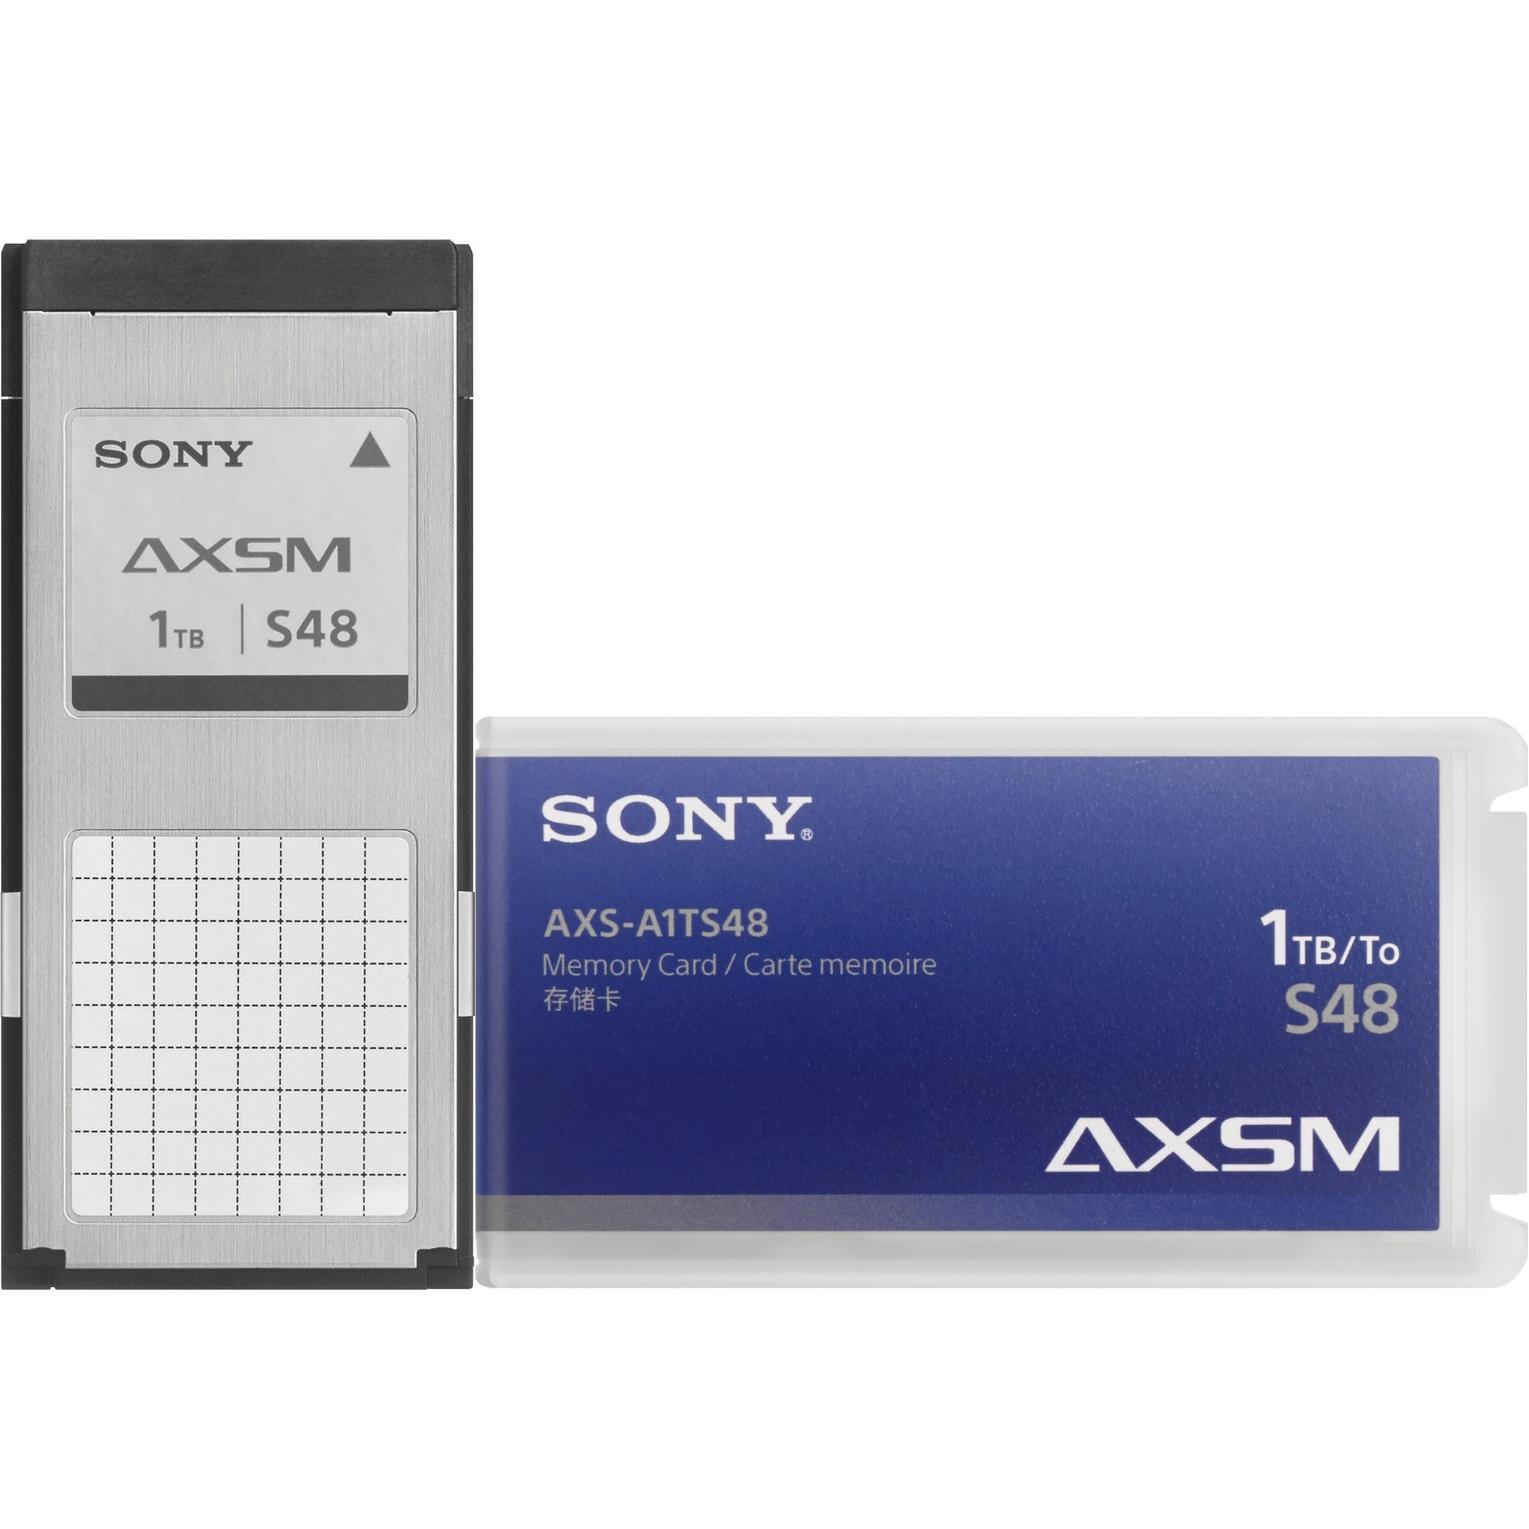 AXS-A1TS48